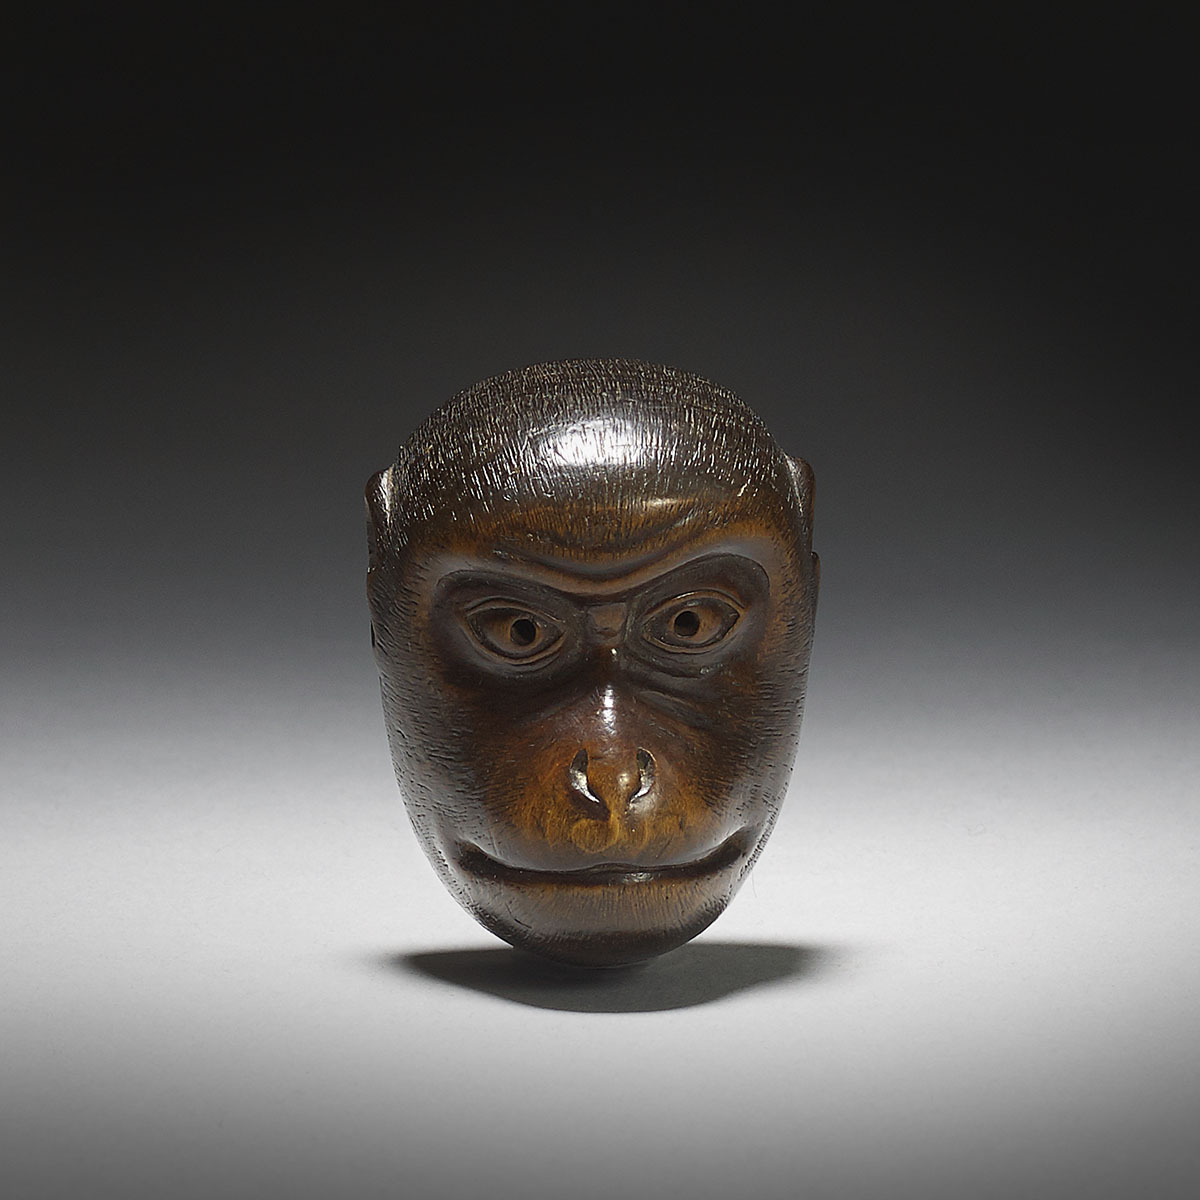 Wood mask netsuke of Saru, Deme Uman, MR2956_v1